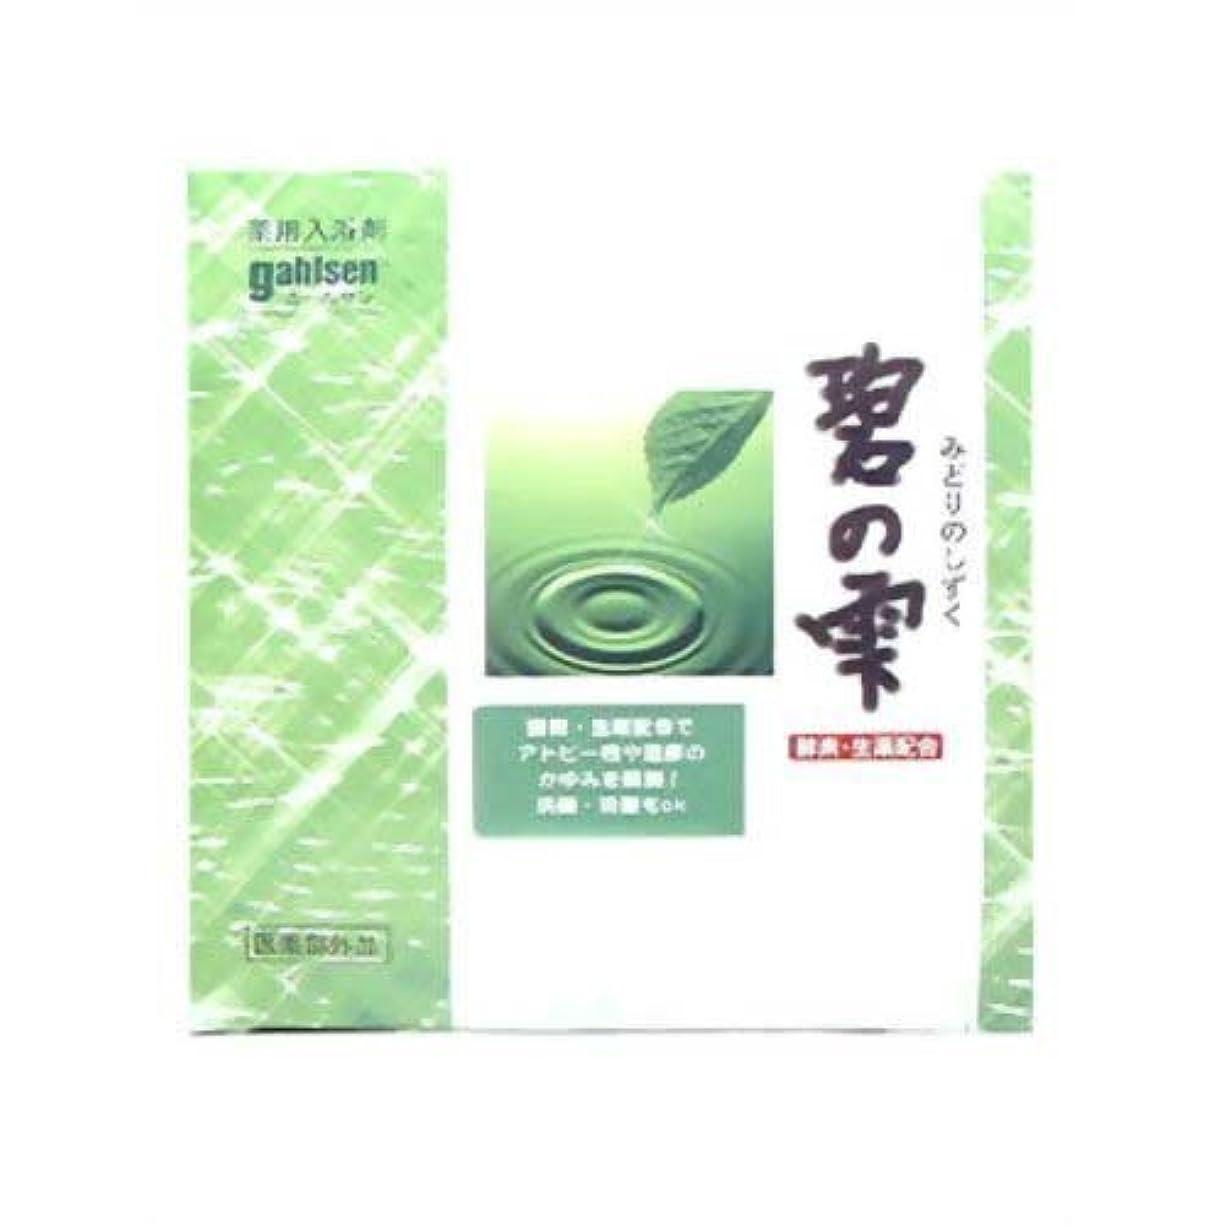 物理的なアライアンス上記の頭と肩東海美商 酵素入浴剤ガールセン「碧の雫」 20g×48包